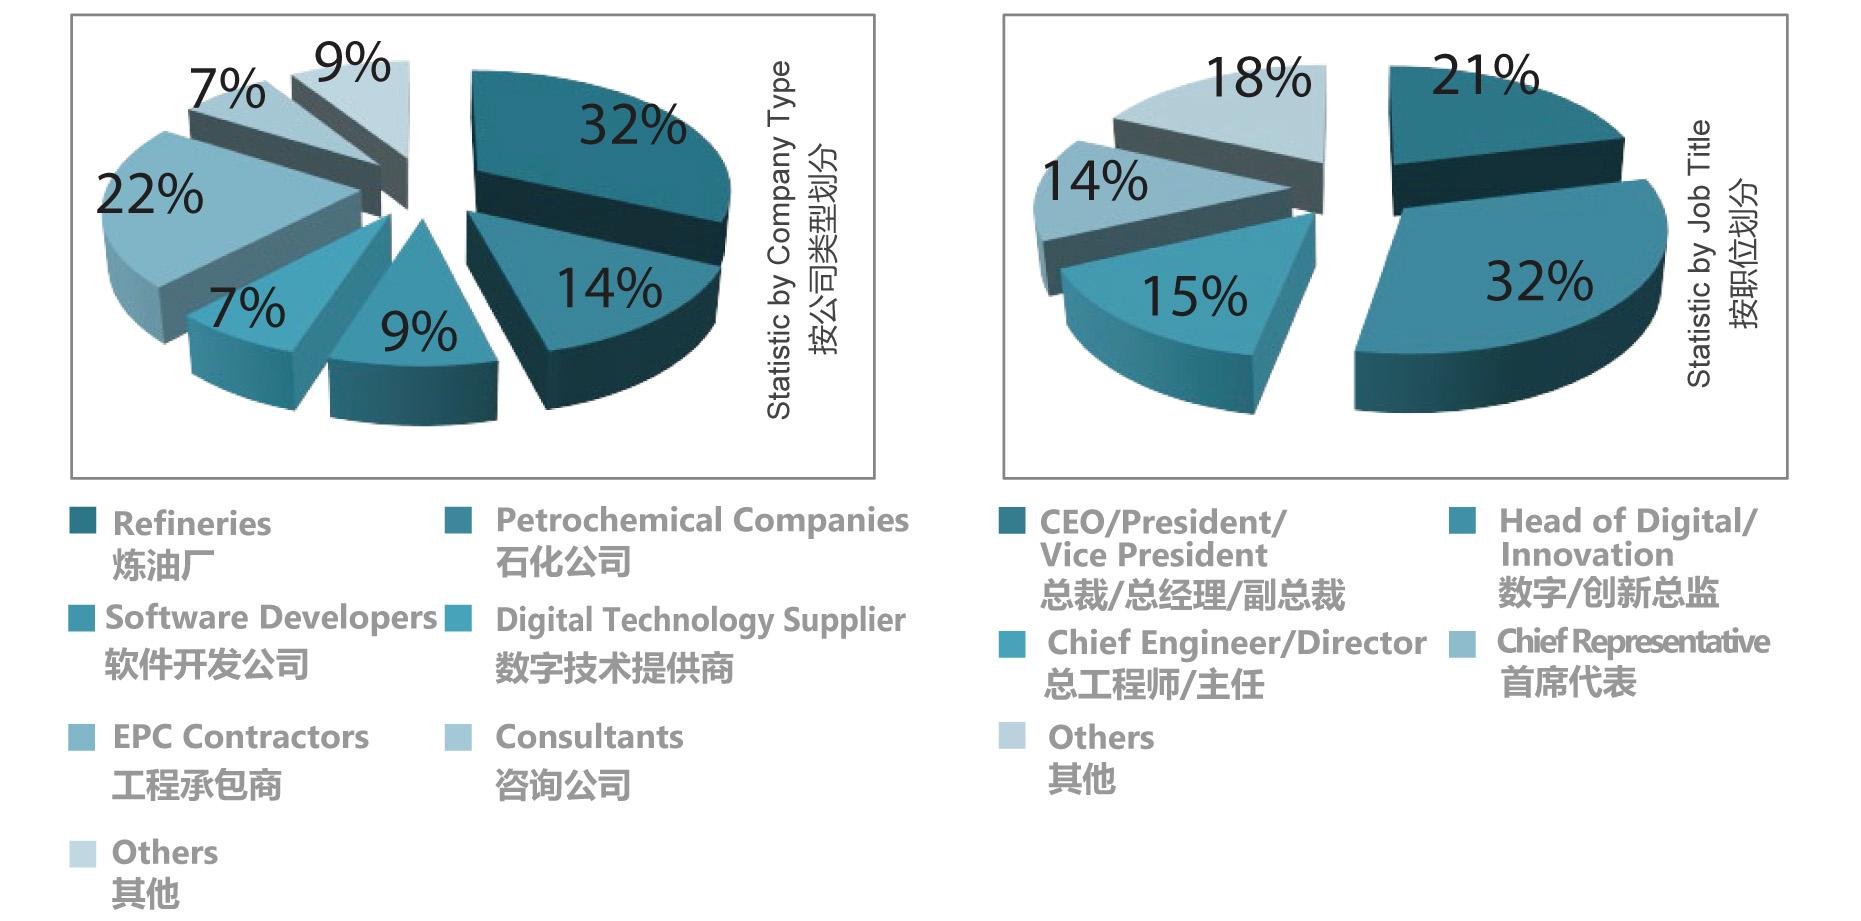 中國國際數字化煉油與石化大會2020